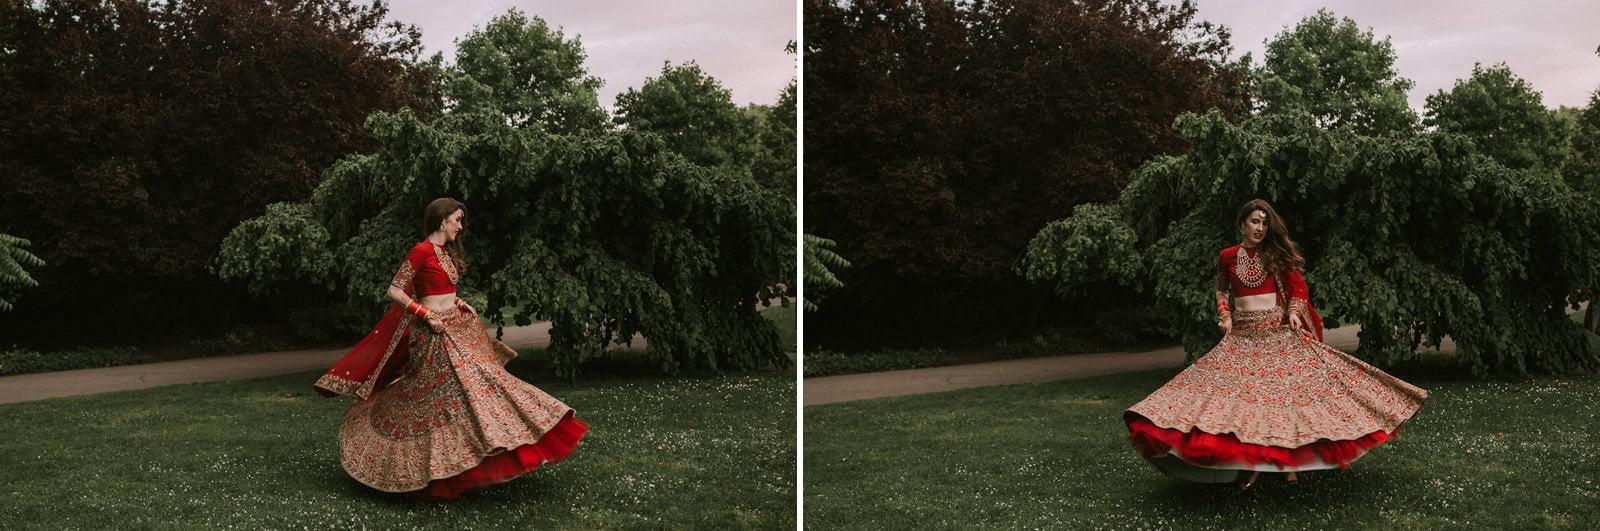 014-one-marylebone-wedding-london-photography